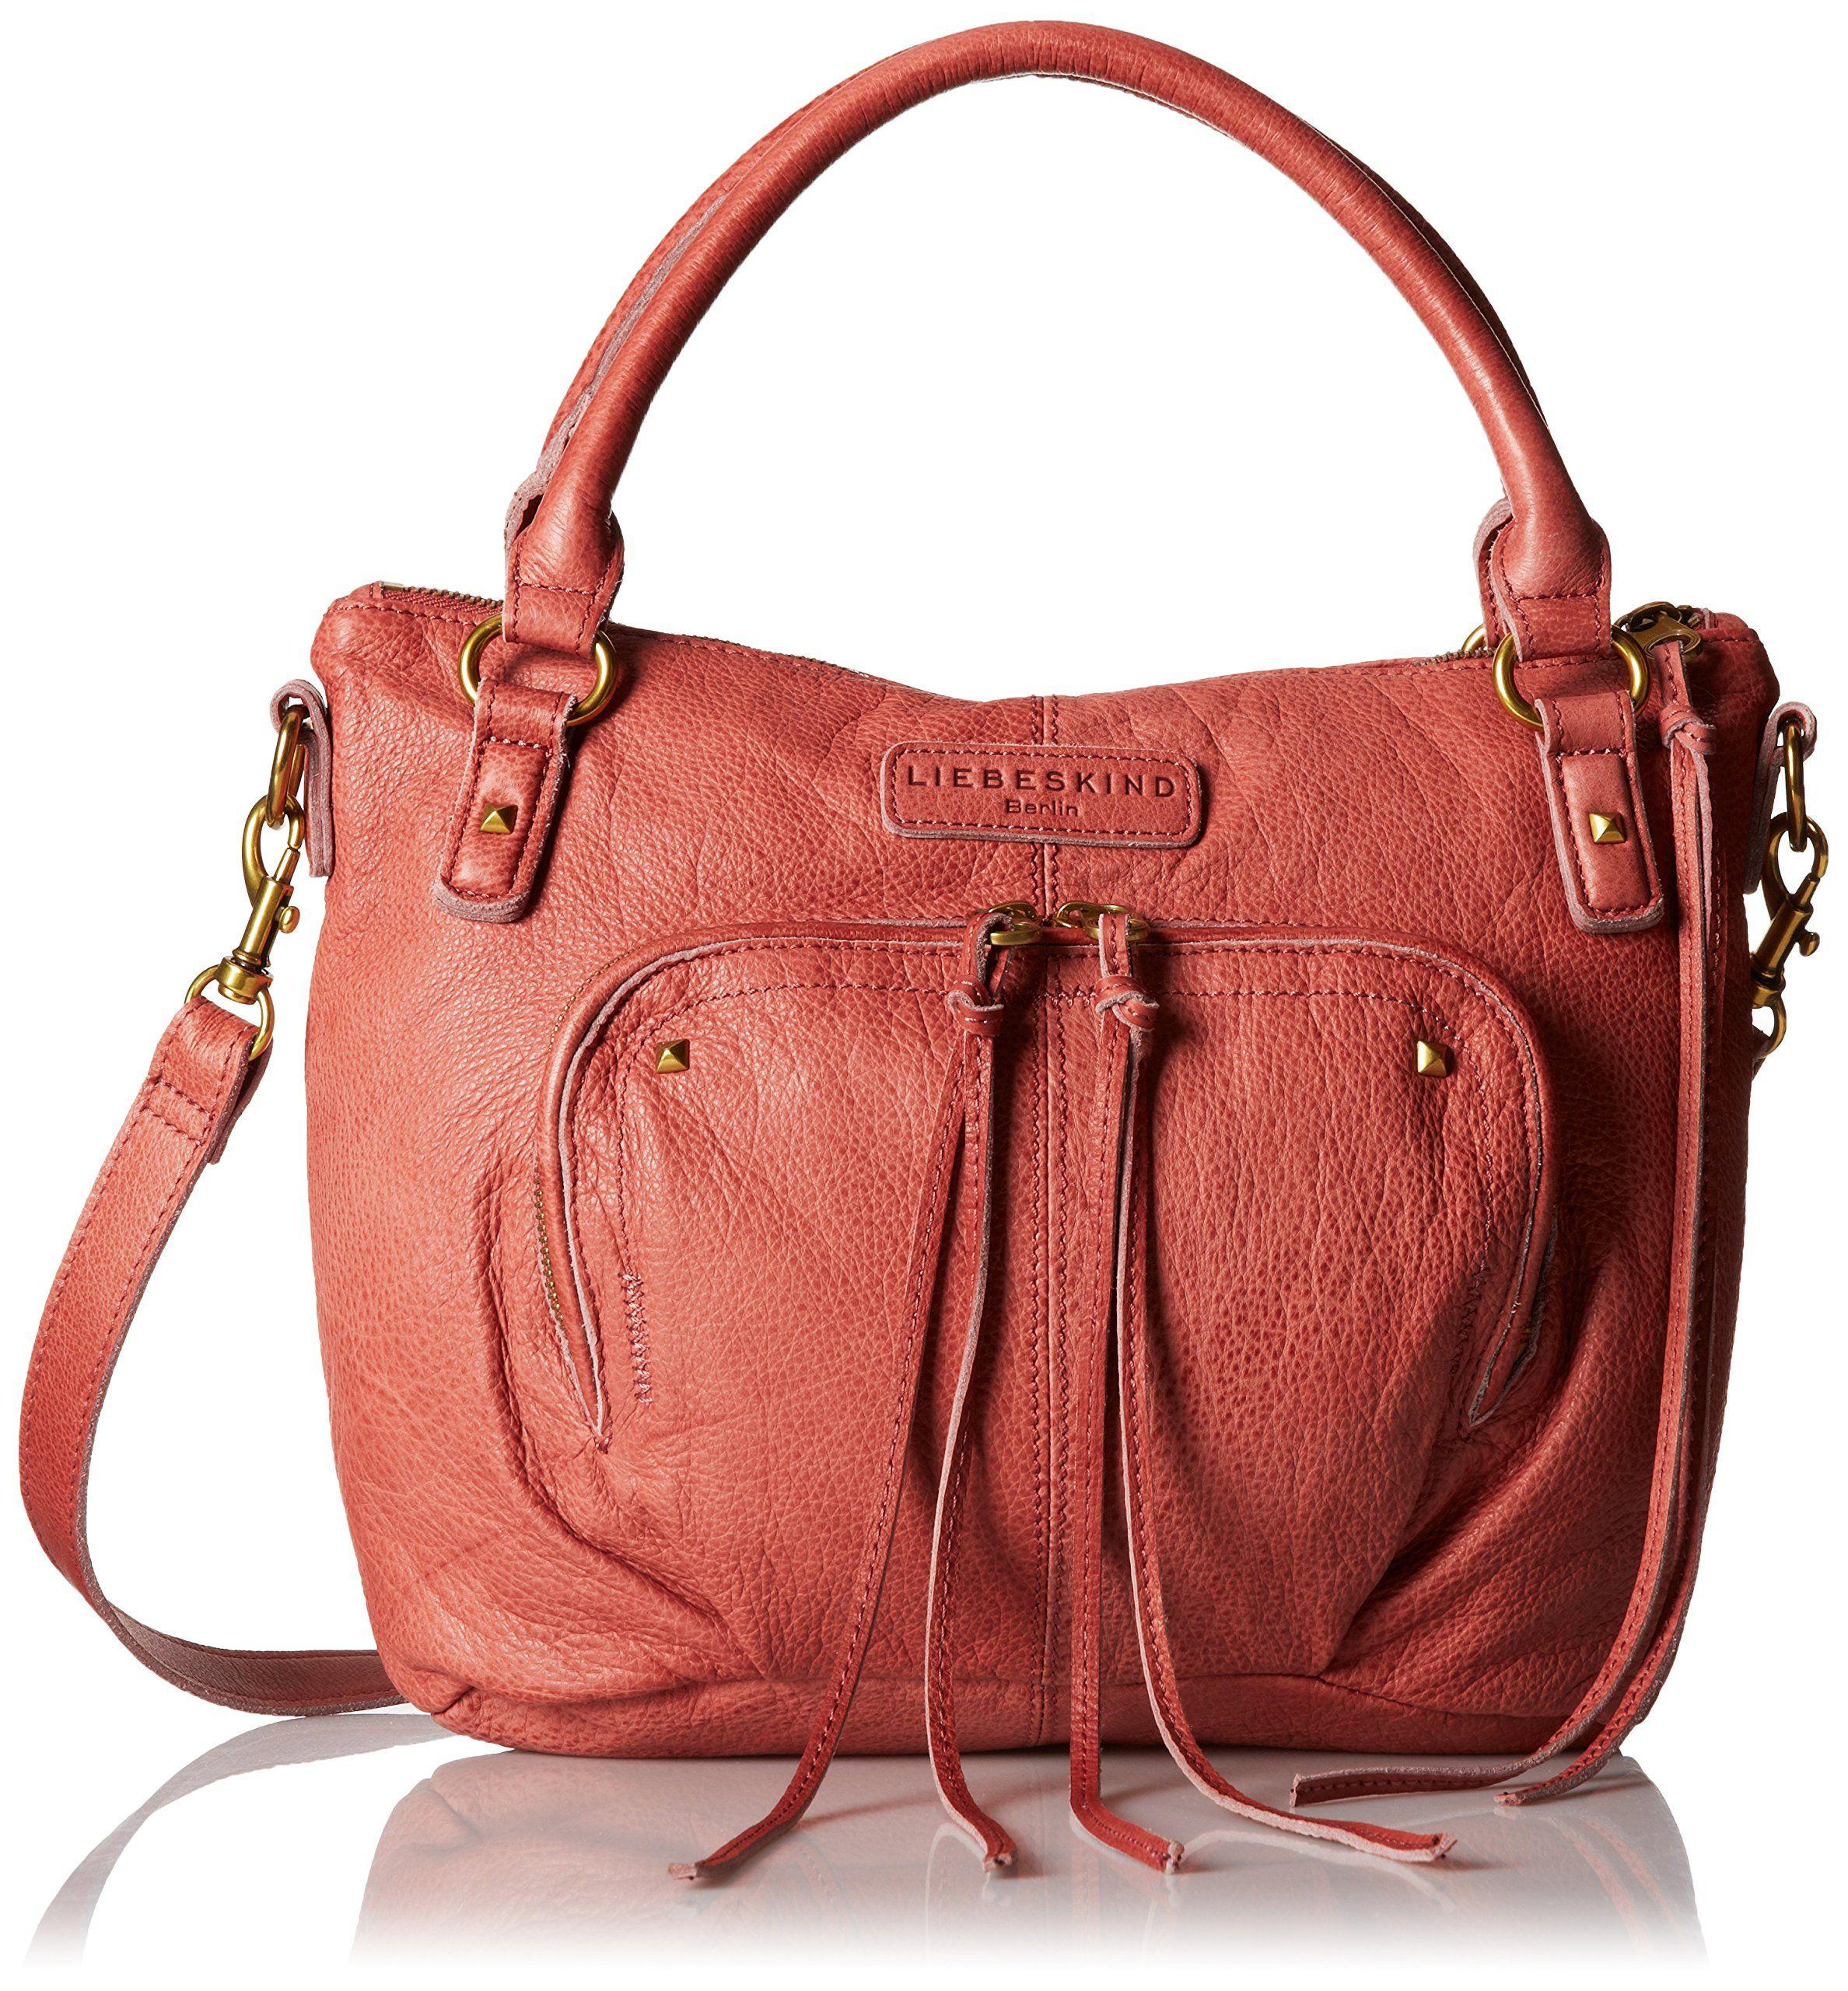 08d91c5580 Liebeskind Berlin Gina F Shoulder Bag, Powder, One Size   Bags ...